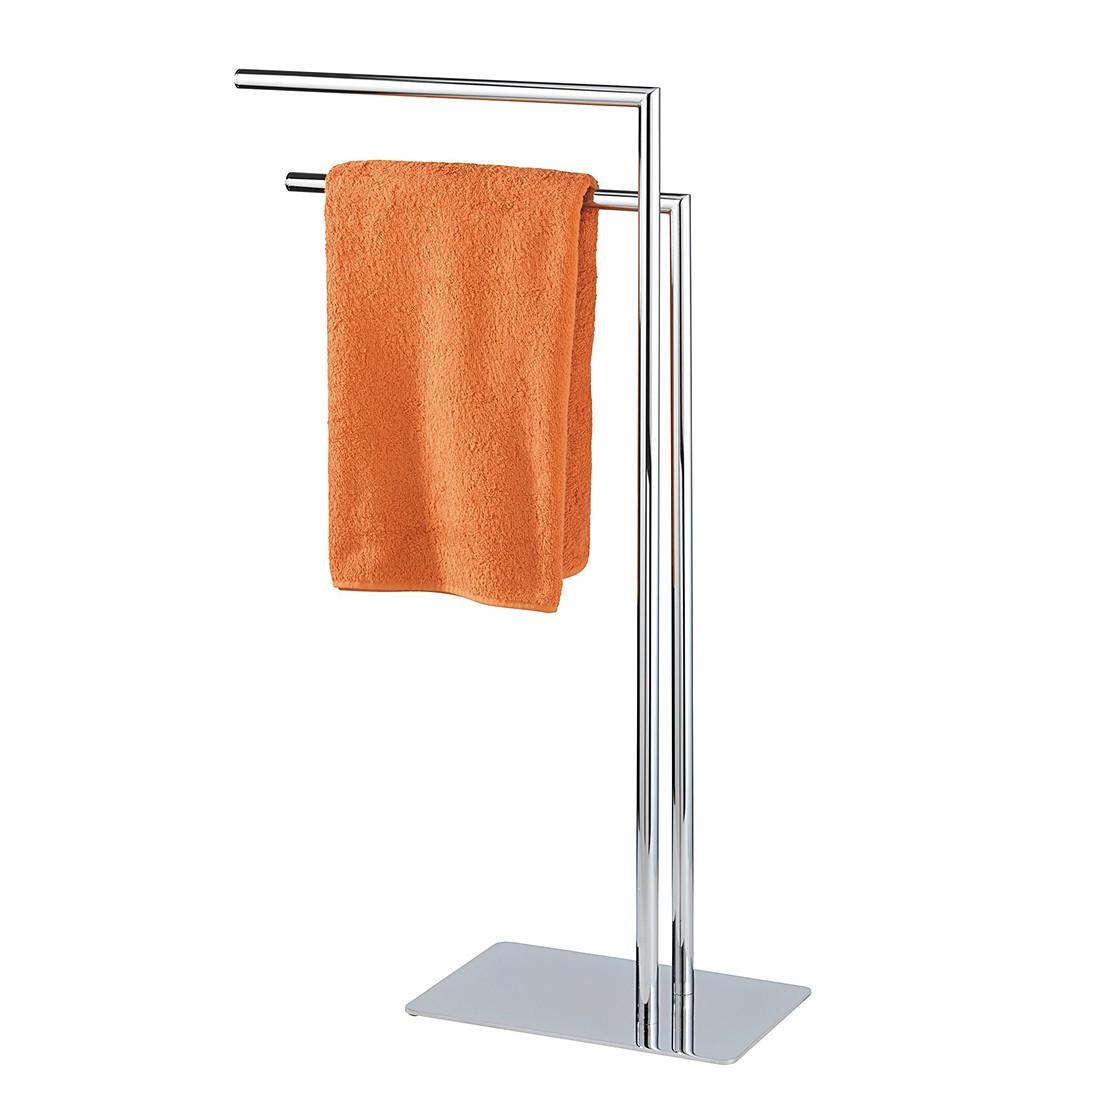 Handdoekenrek Keuken Rvs : Staand handdoekenrek Recco chroomkleurig, Wenko ? 64.99 bij Home24